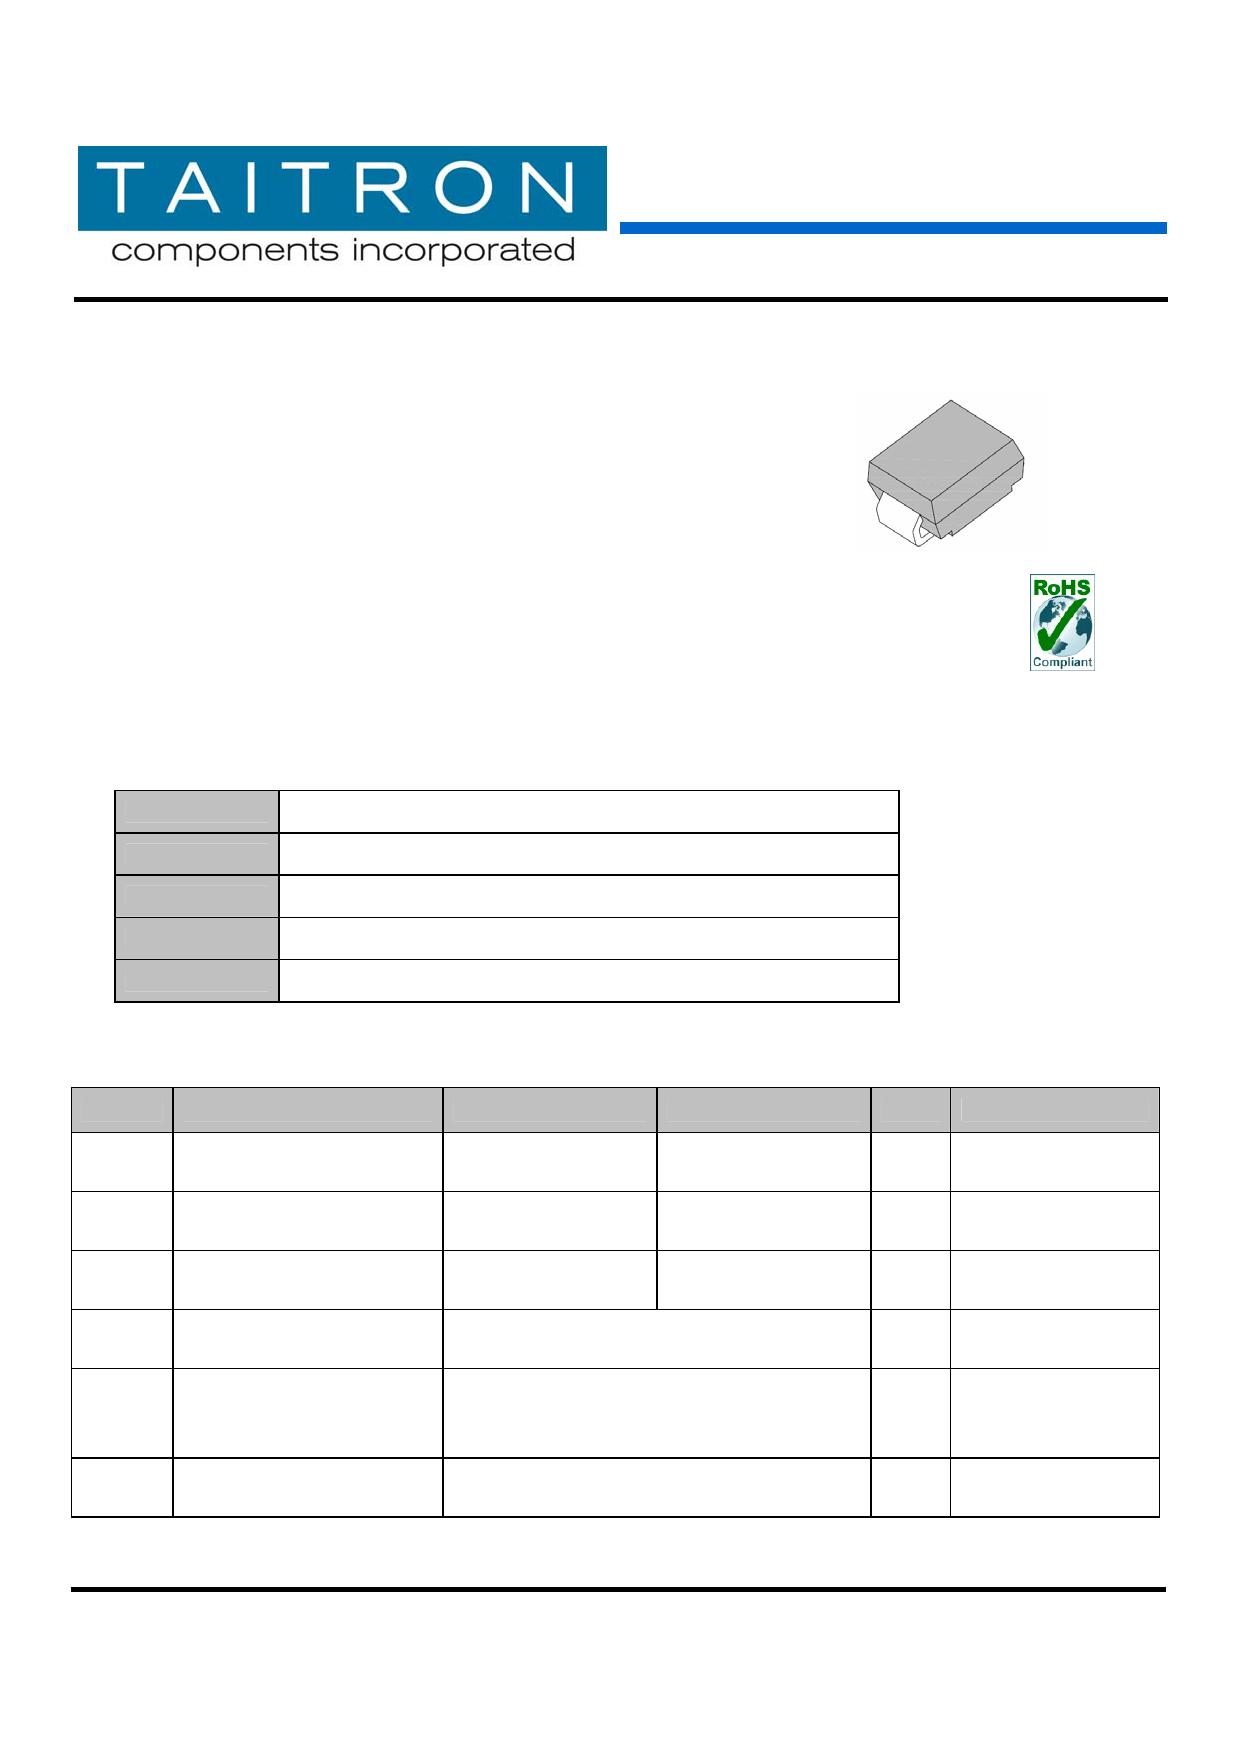 MURS160 datasheet